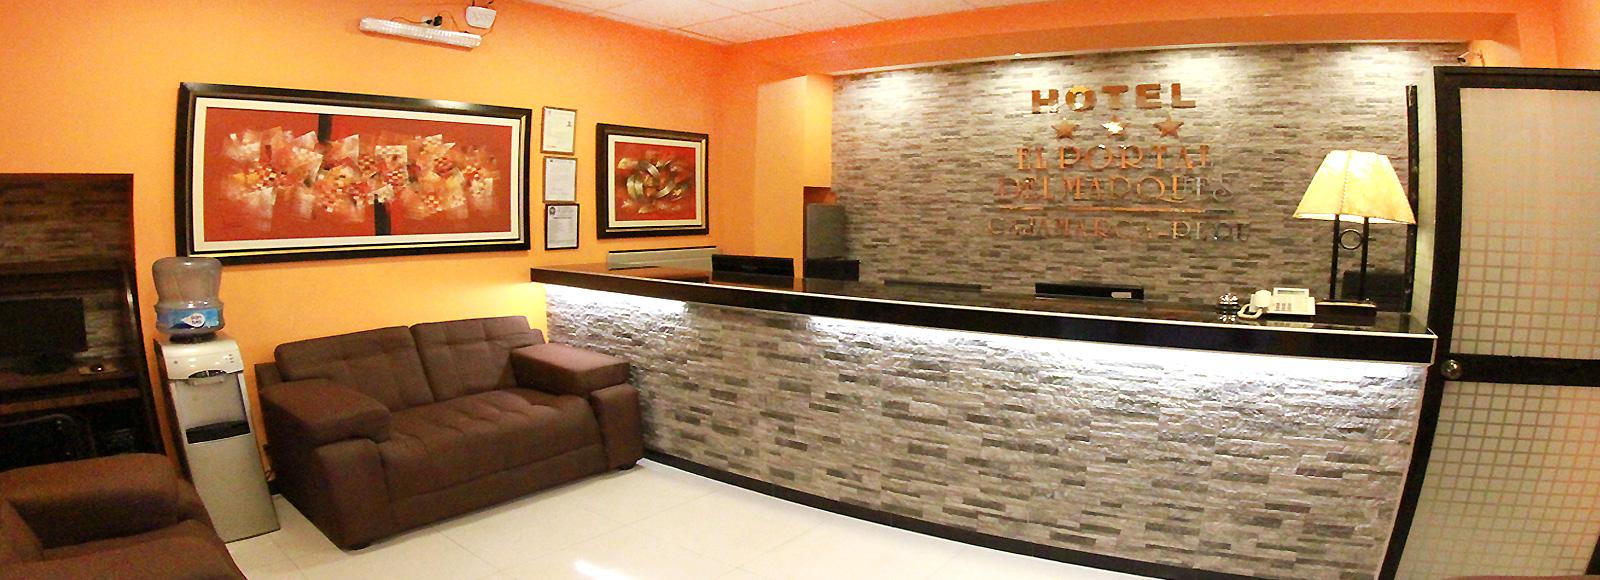 Hotel_Portal_Marques